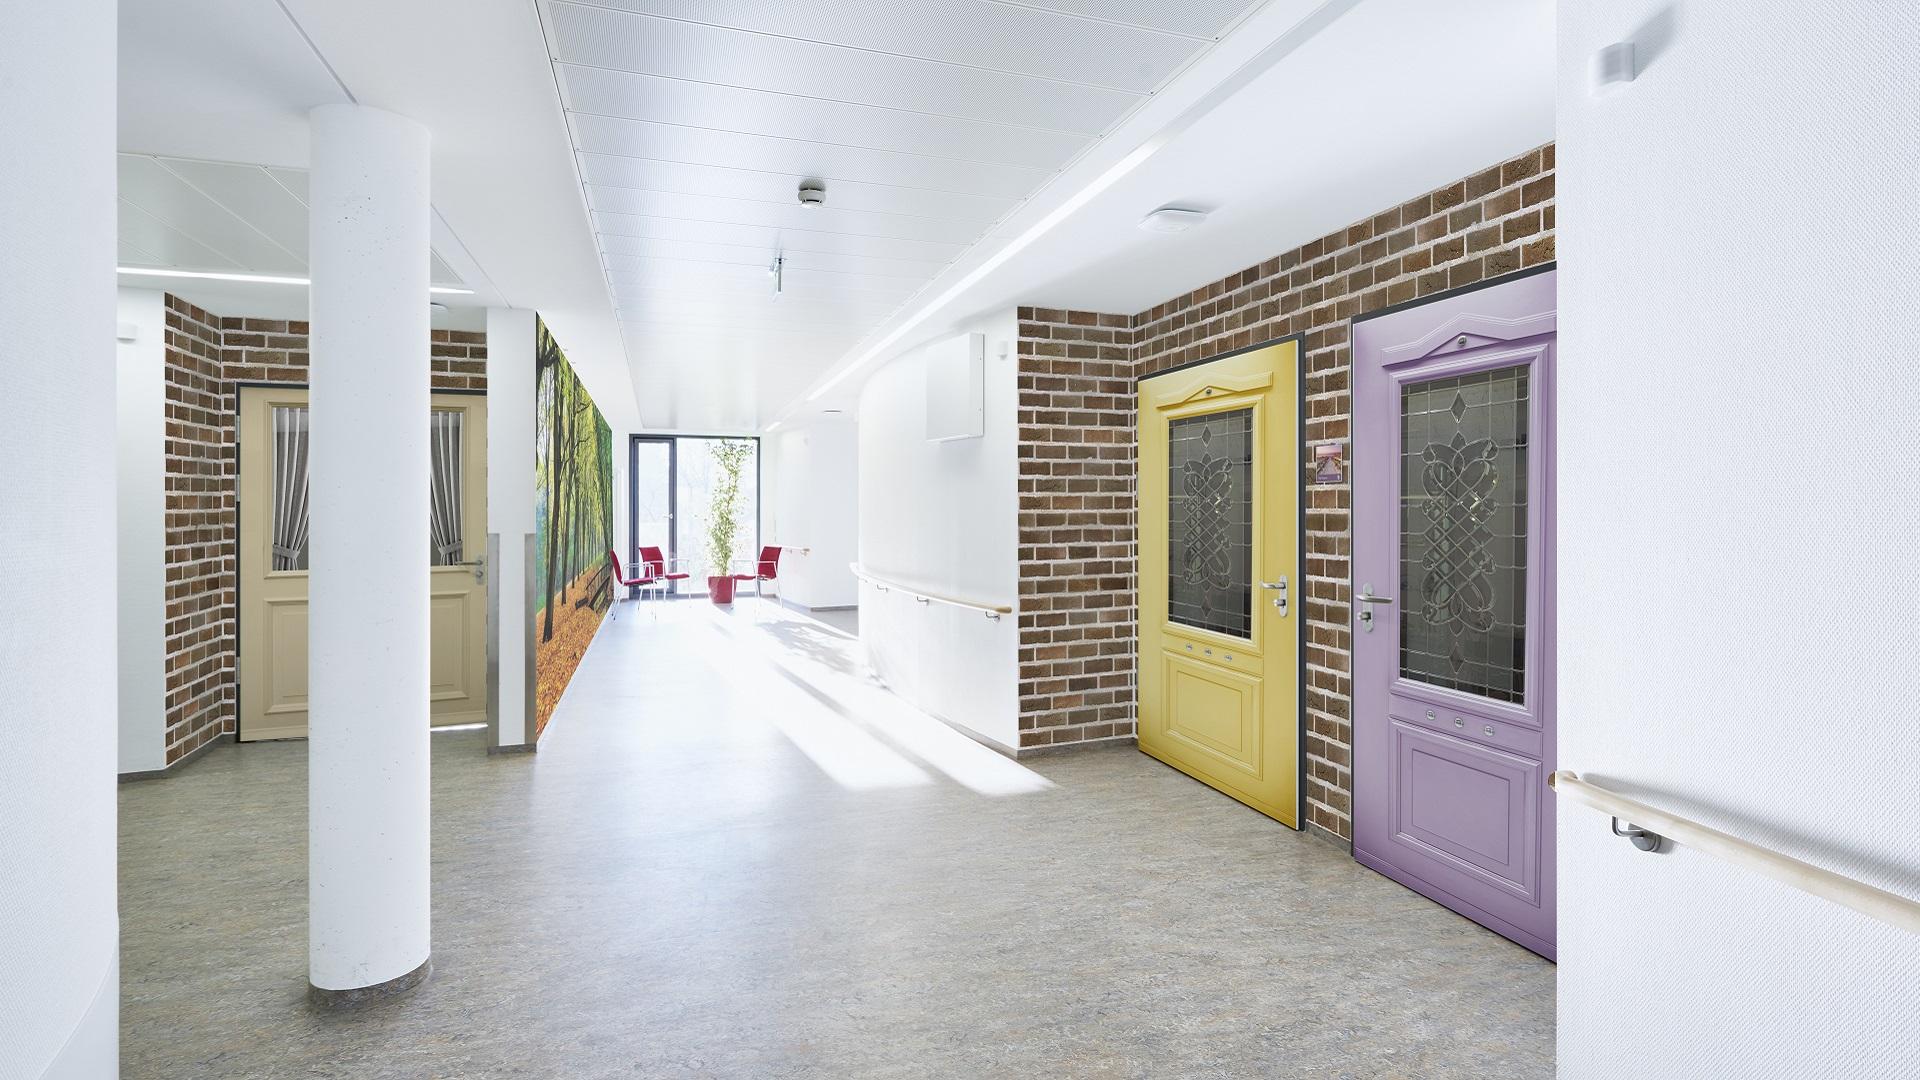 De juiste keuzes voor het interieur van zorginstellingen? Een paar tips!